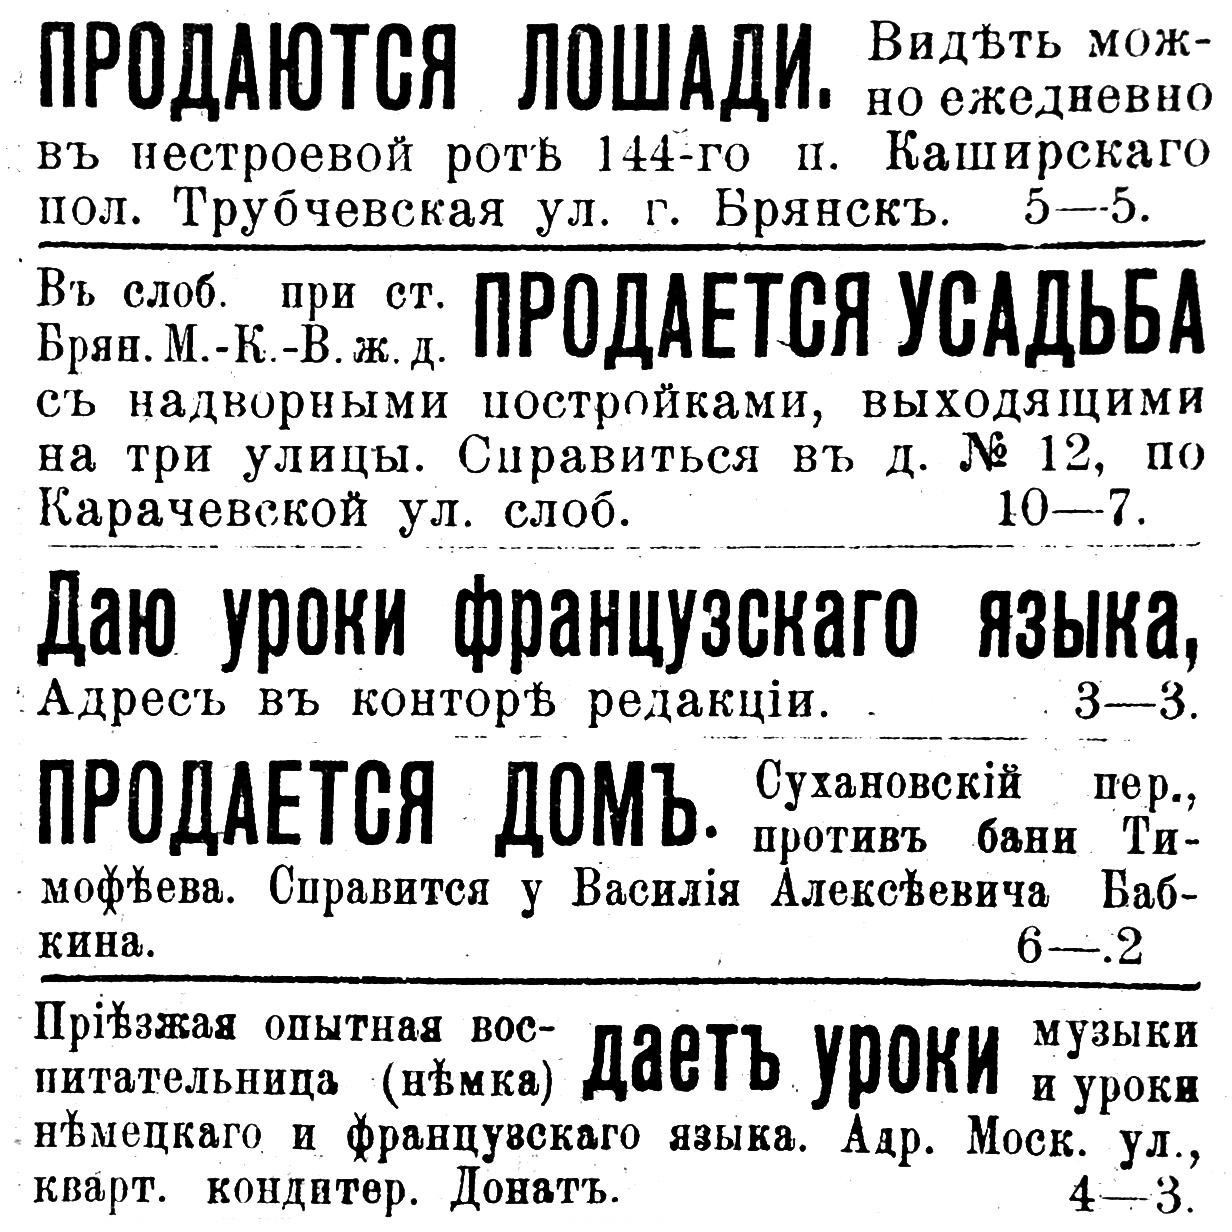 Газета «Брянская жизнь» №33 от 13 октября (30 сентября) 1906 г.